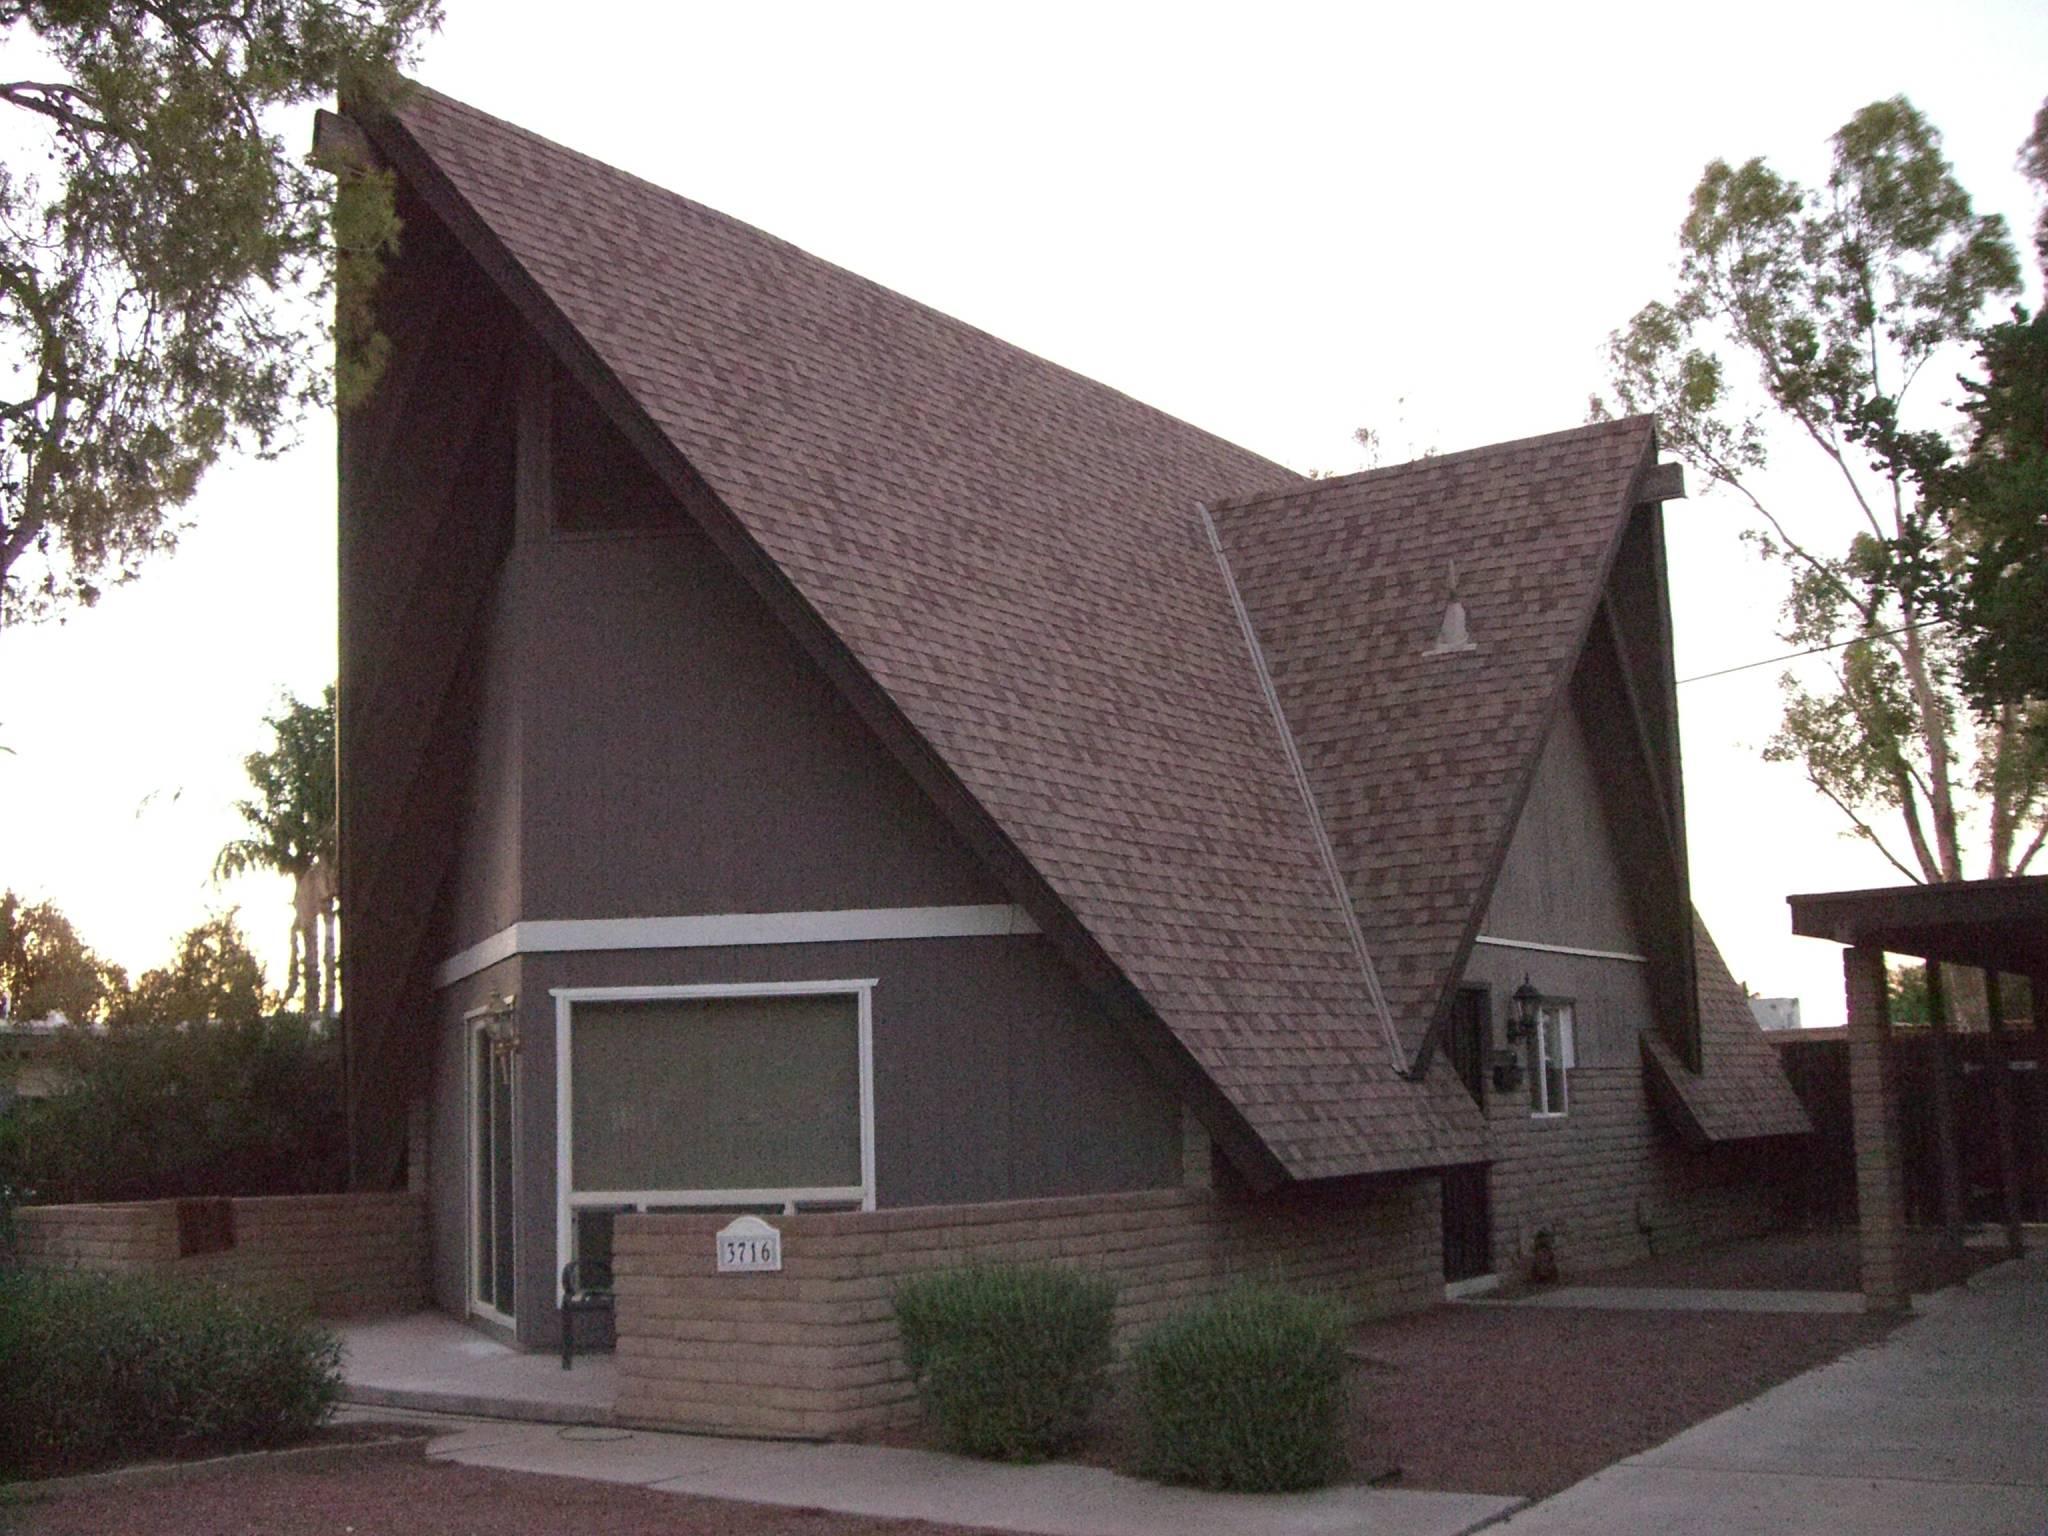 Frame Phoenix Housephoenix House